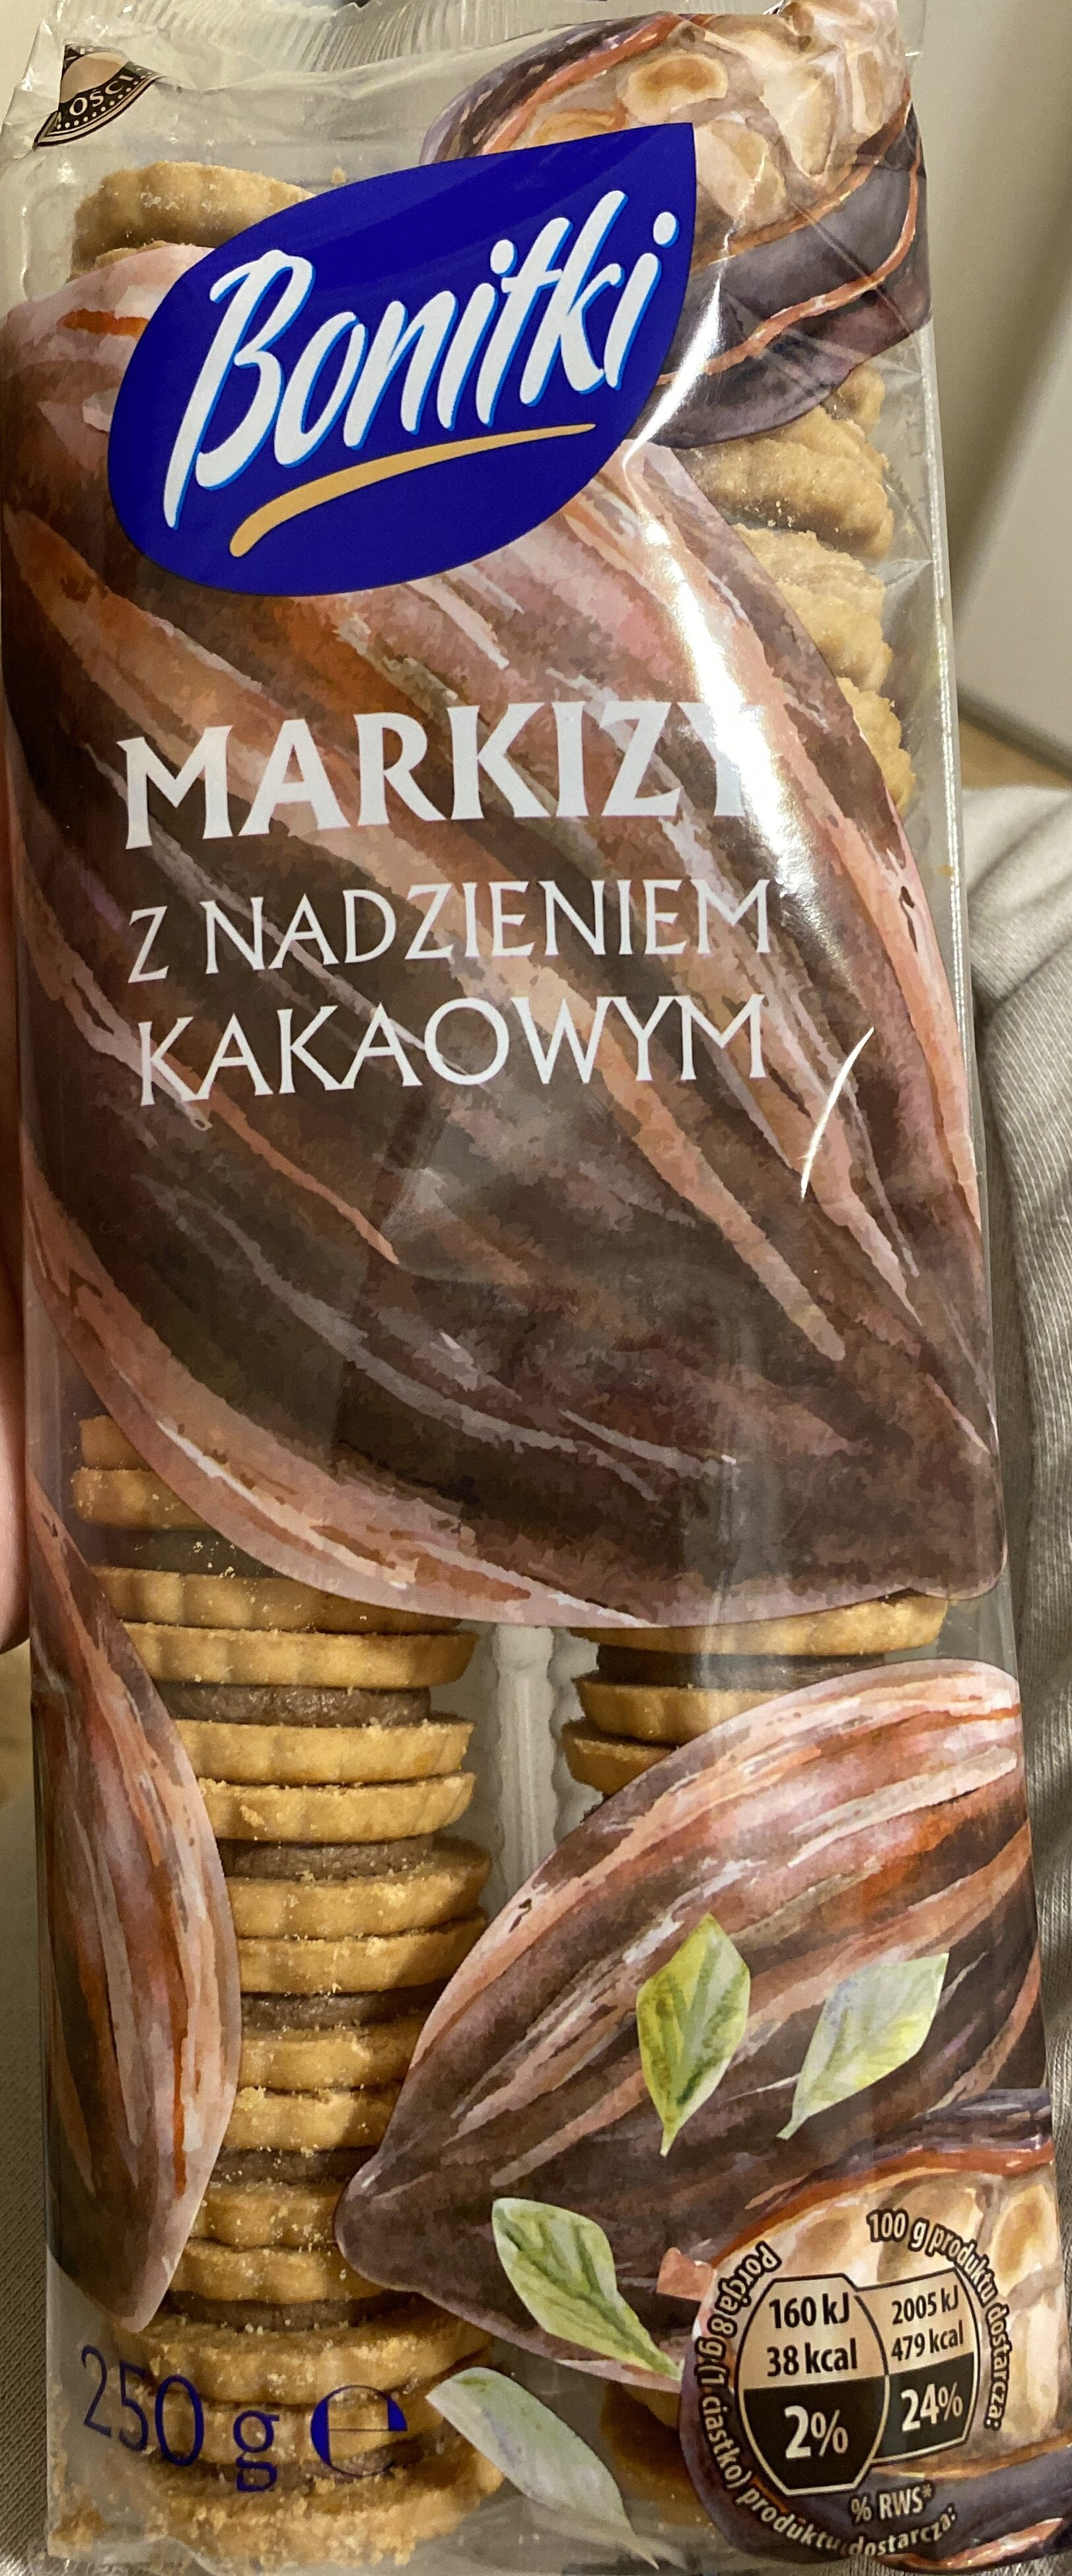 Markizy ciastka z nadzieniem kakaowym (25%) - Produkt - pl